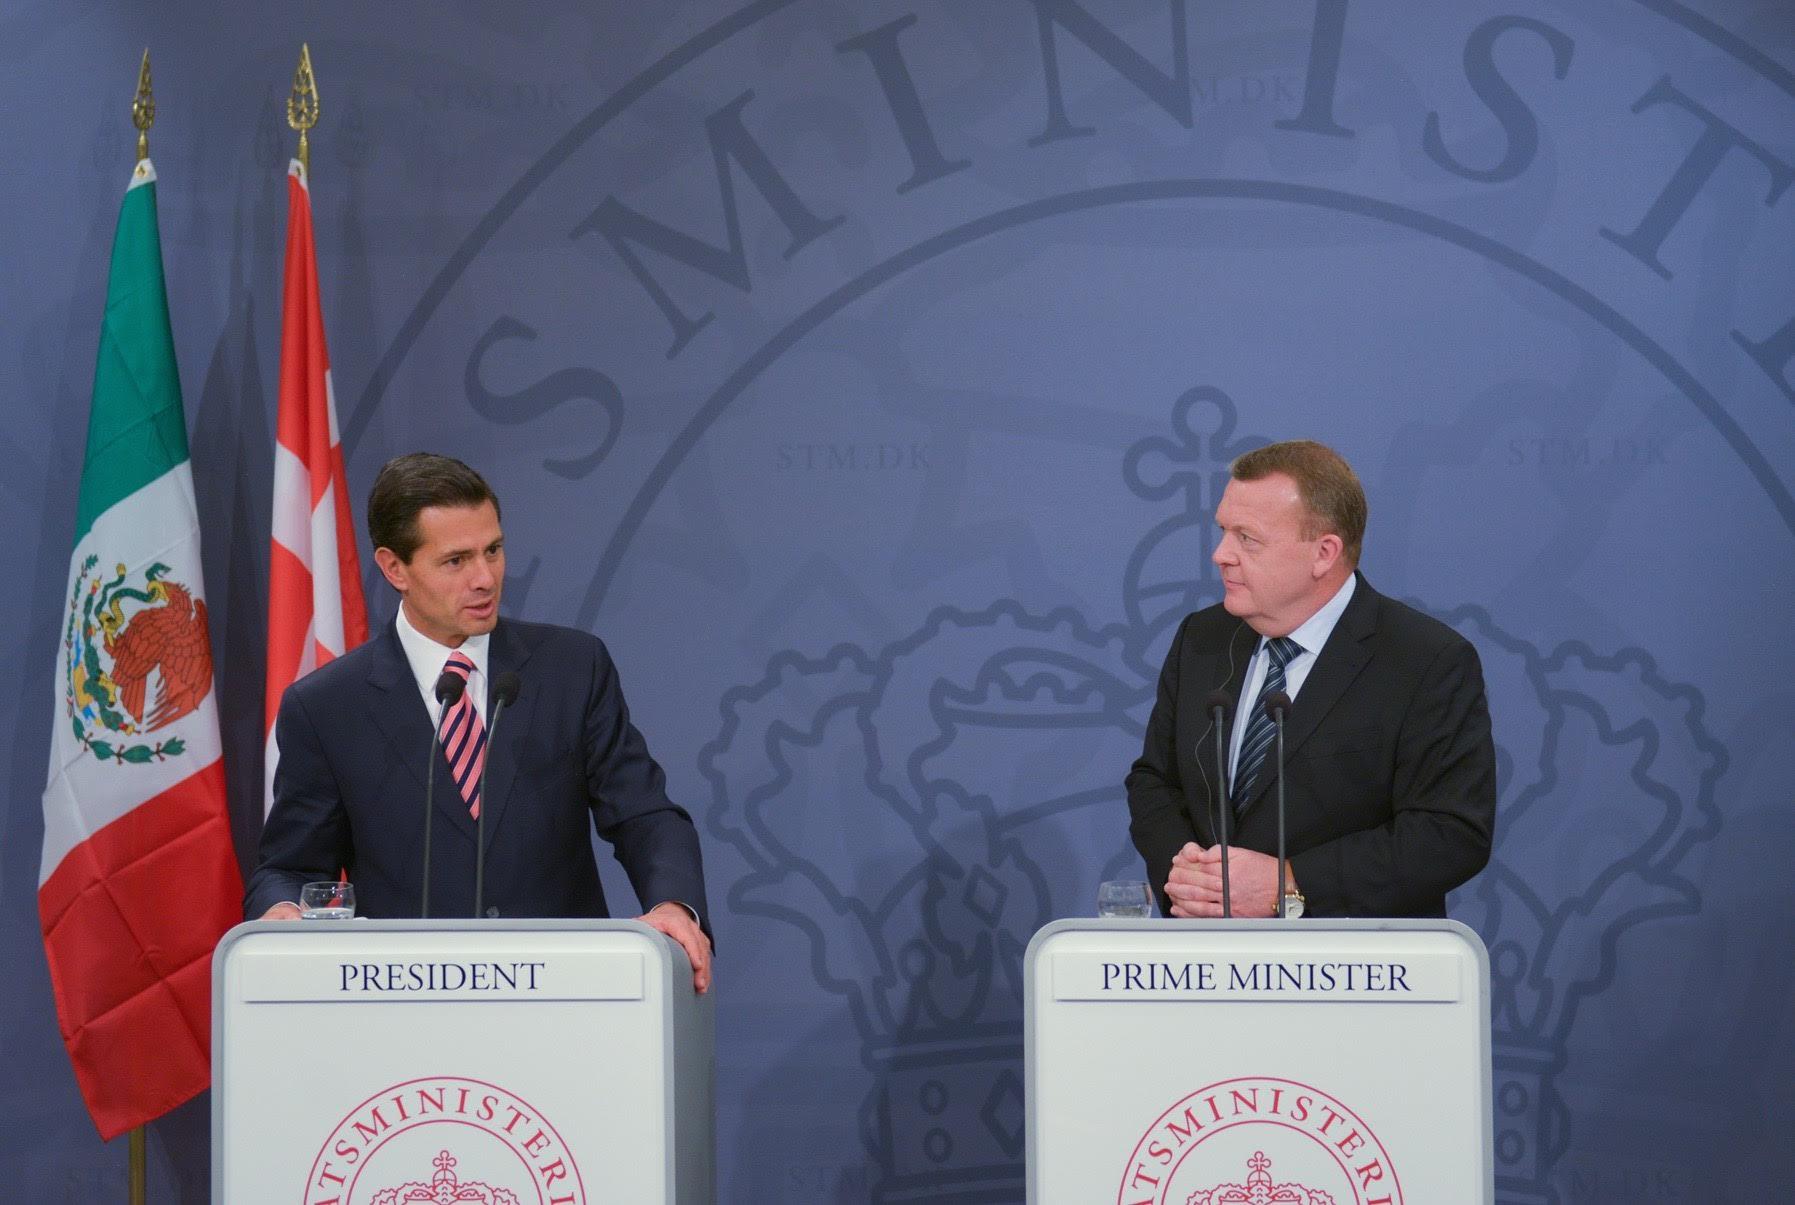 El Presidente Enrique Peña Nieto resaltó que en materia económica, empresas danesas han manifestado interés en invertir en México en diferentes campos.